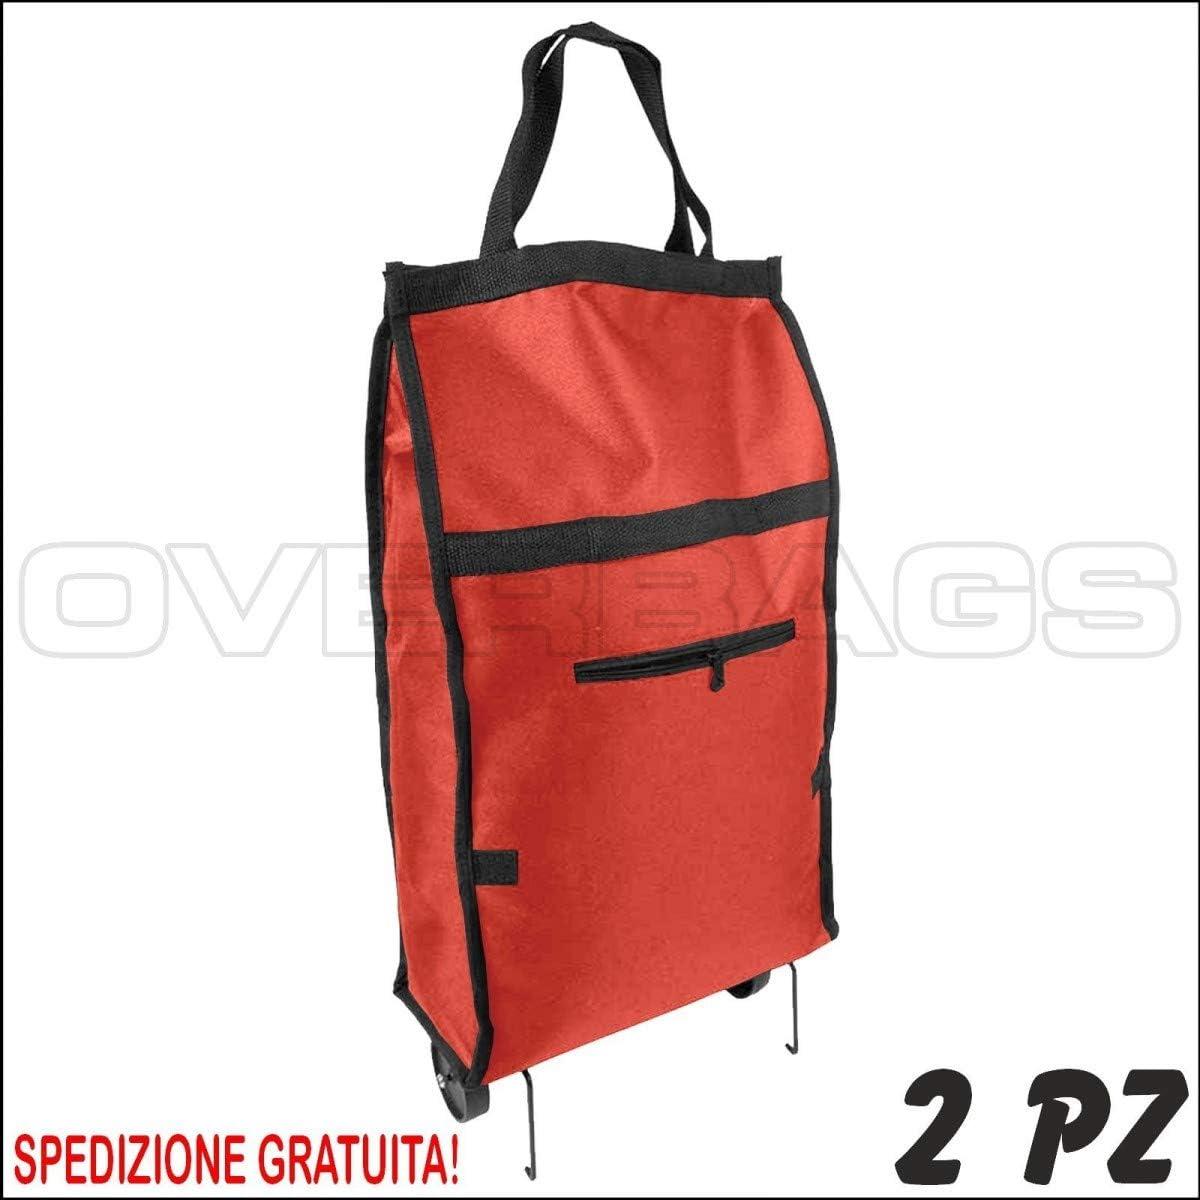 Rosso 2 PZ Borsa Shopper Carrello Trolley della Spesa Ripiegabile in Poliestere CM 32X14X54 OVERBAGS